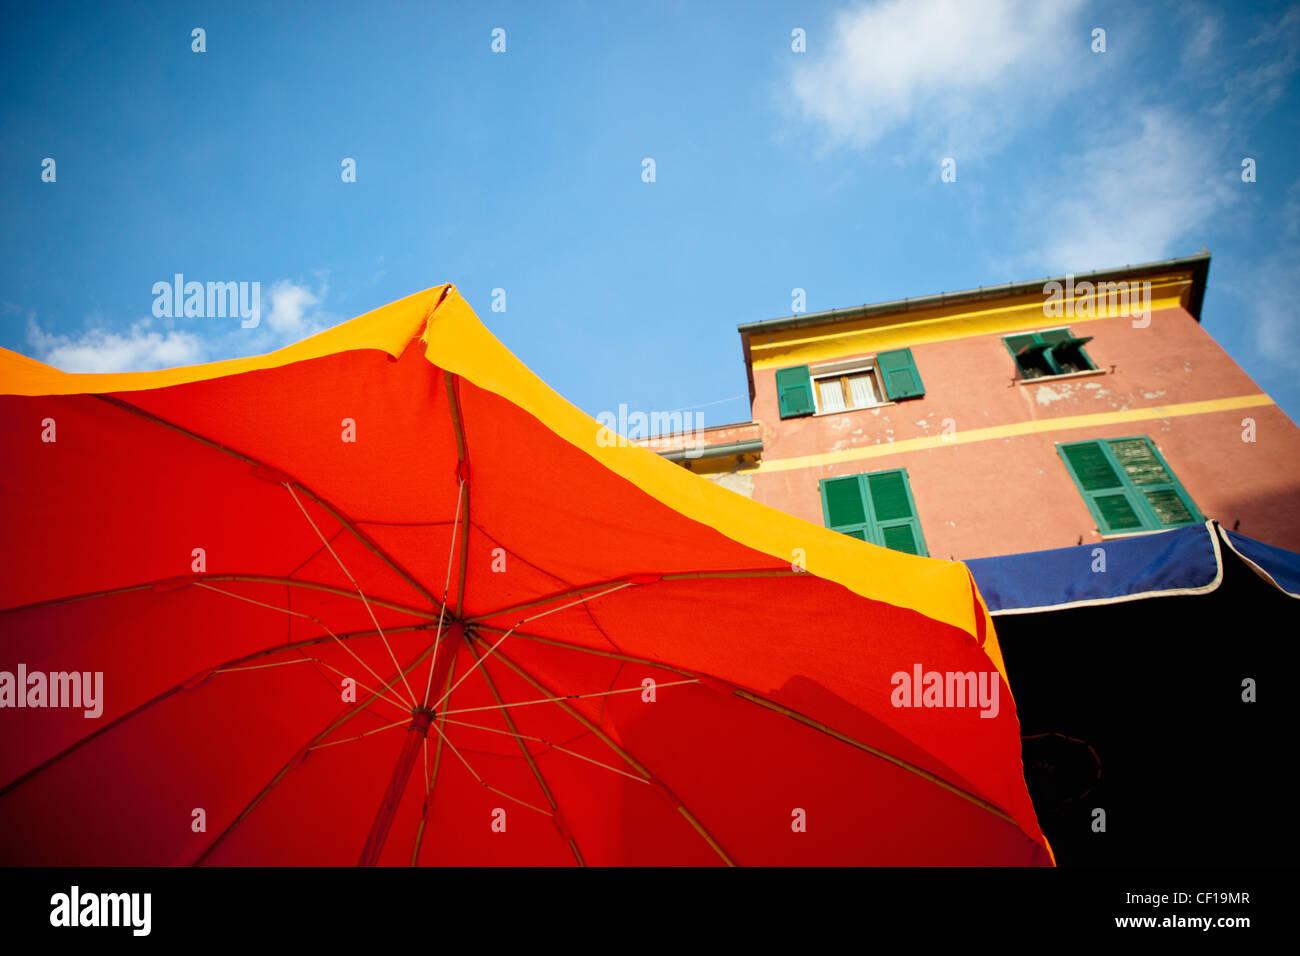 Il giallo e il Patio Bbue ombrelloni al di sotto di un edificio; Vernazza Liguria Italia Immagini Stock